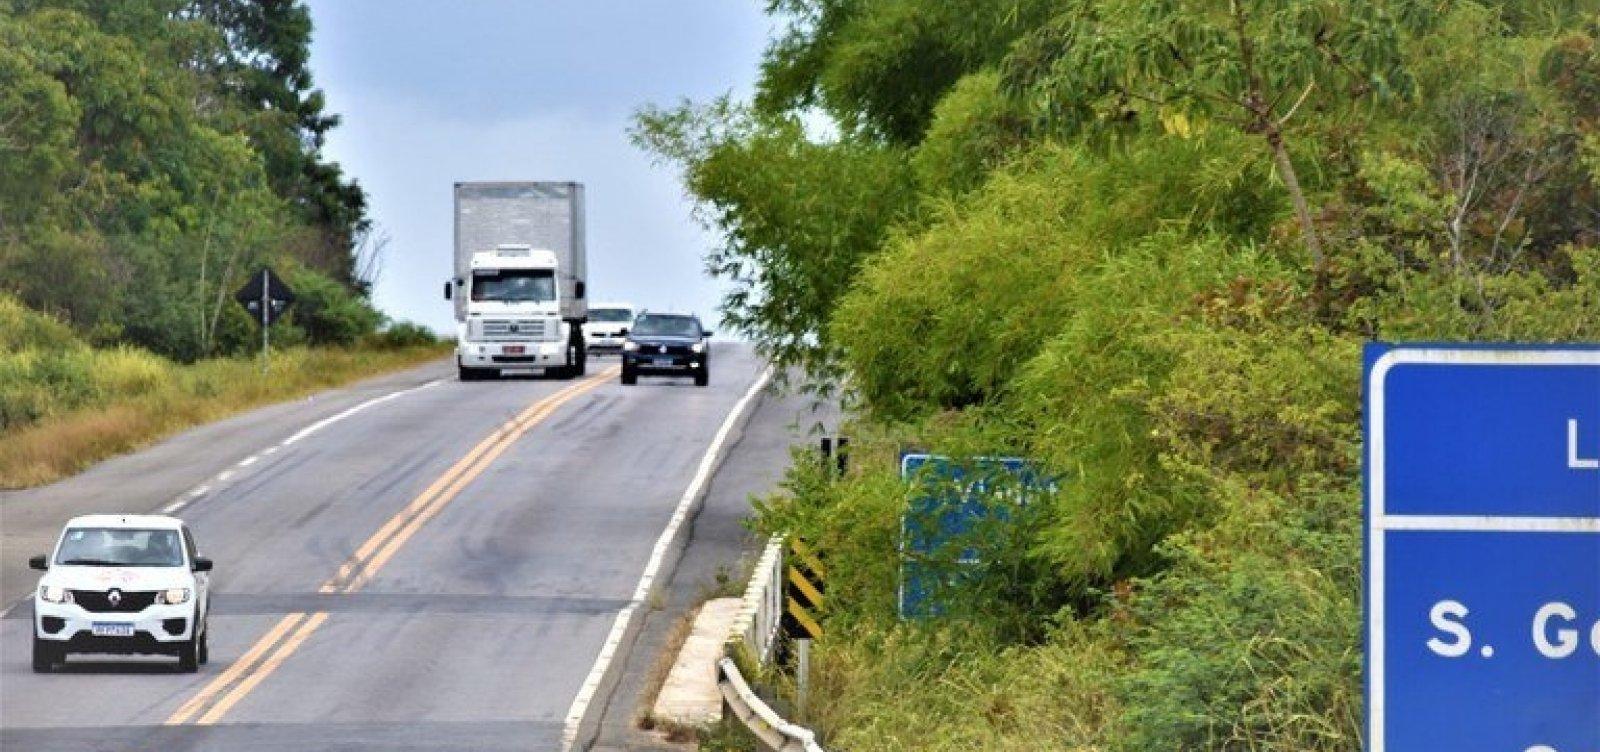 Rodovias baianas registram mais de 50 mil flagrantes de ultrapassagem proibida, diz PRF 18